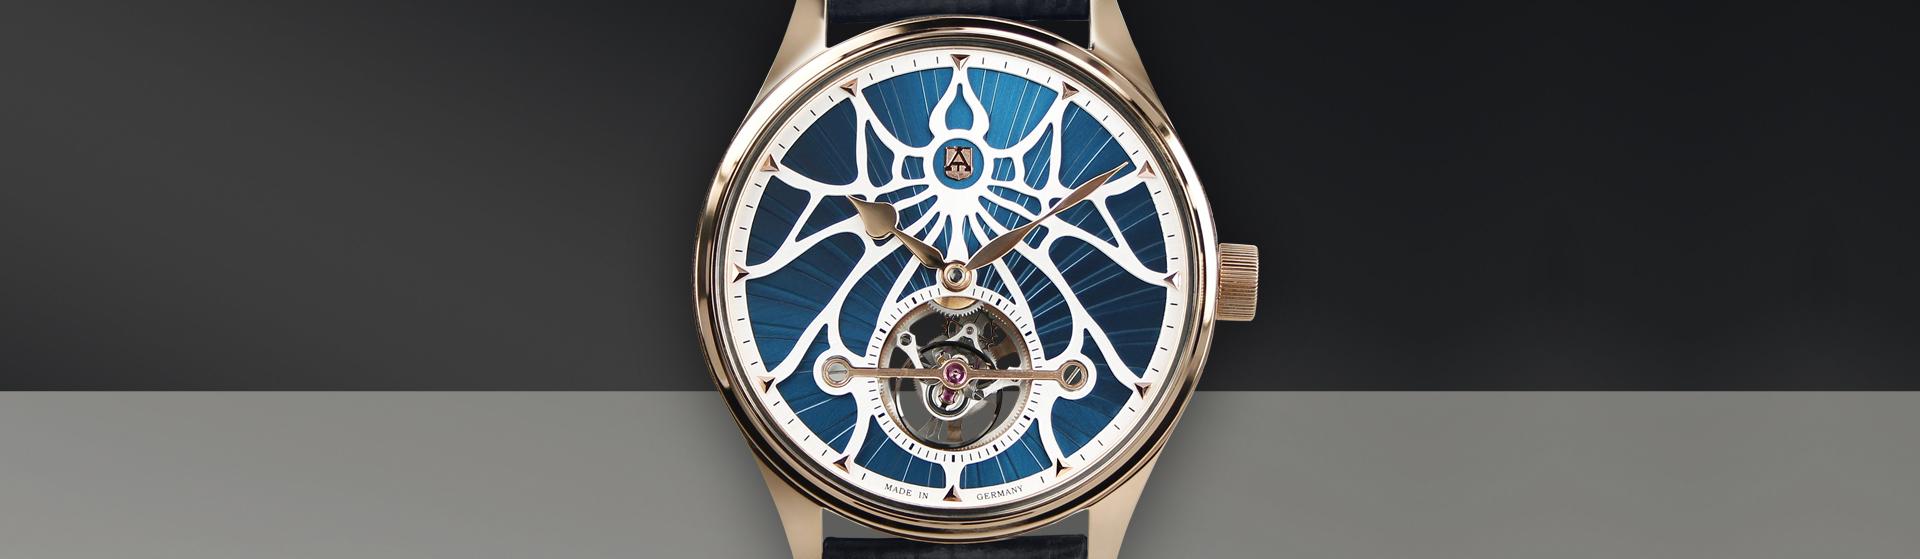 tourbillion luxury watch